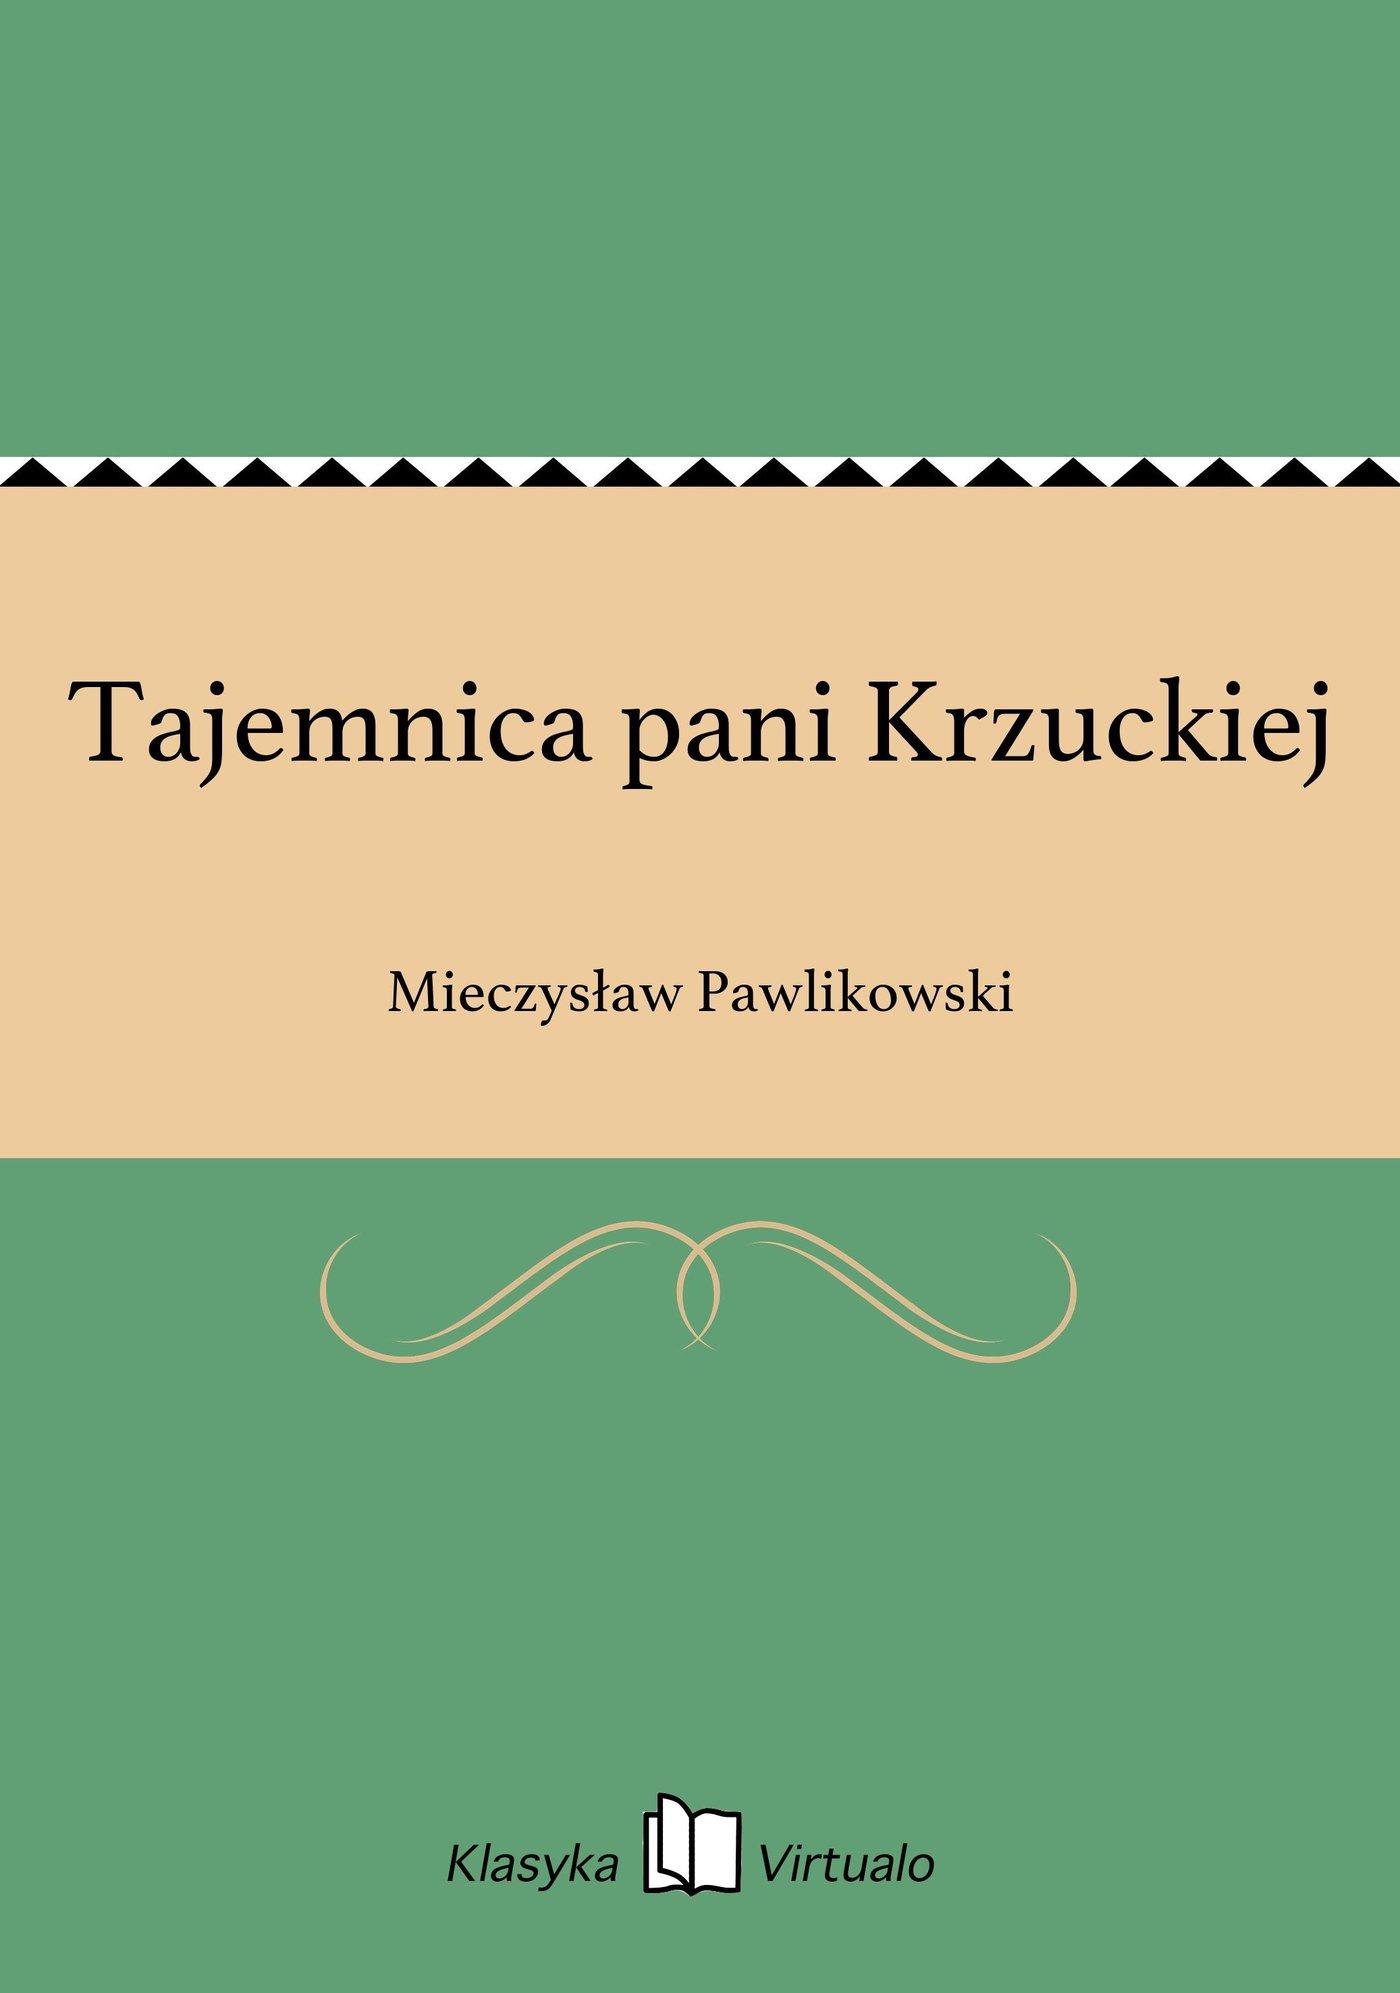 Tajemnica pani Krzuckiej - Ebook (Książka EPUB) do pobrania w formacie EPUB